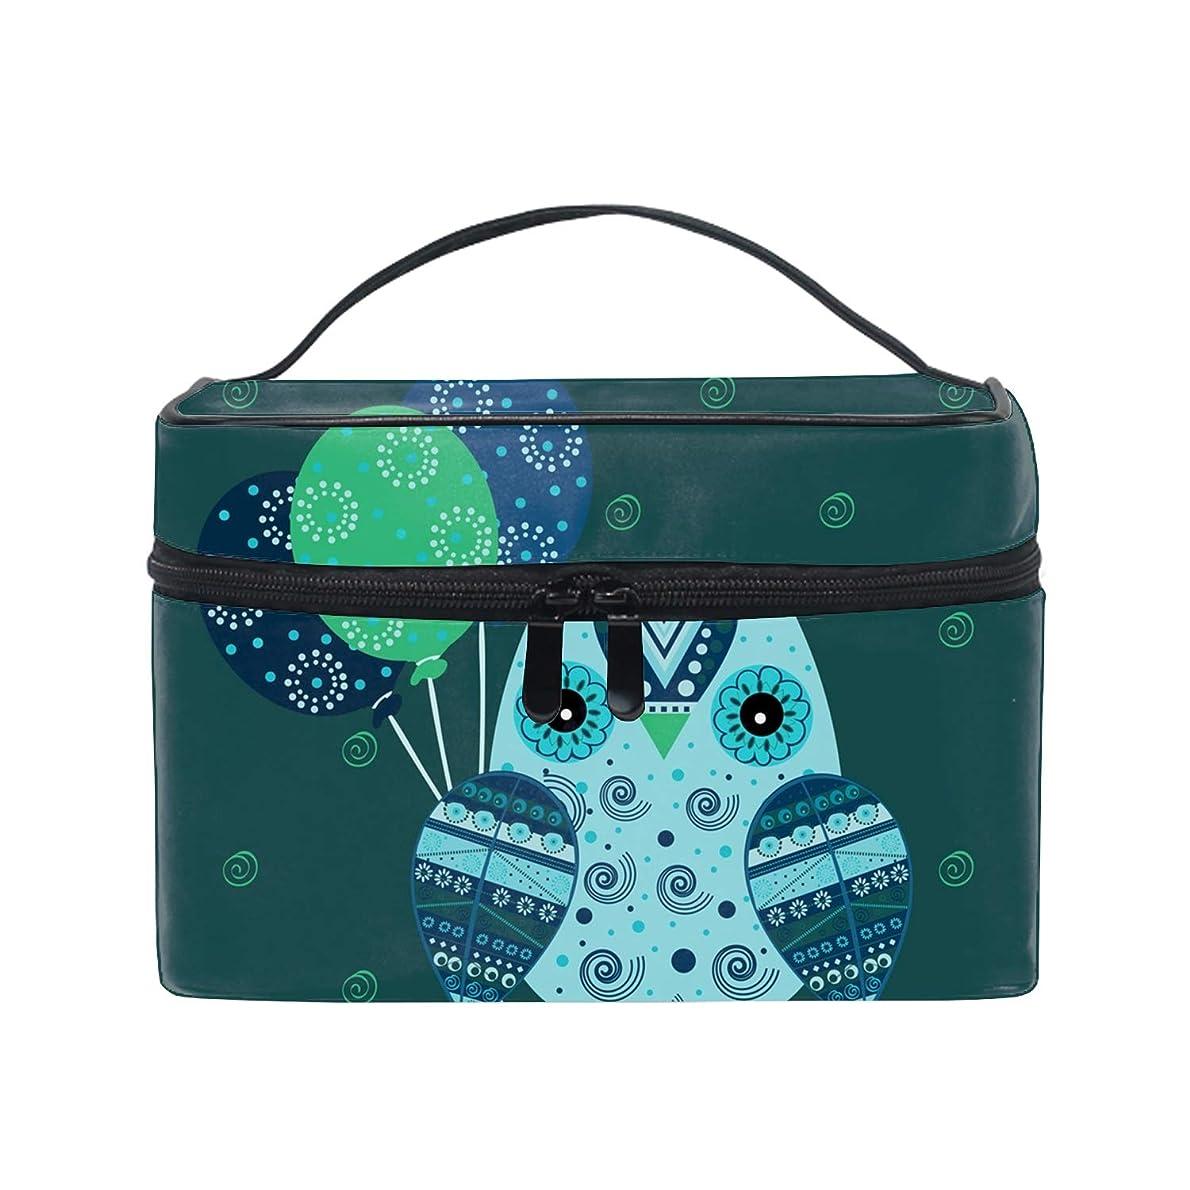 従来の是正する疑いレディースCute Owl 小物入れケース 化粧ポーチ 小物用収納ポーチ 化粧品収納袋